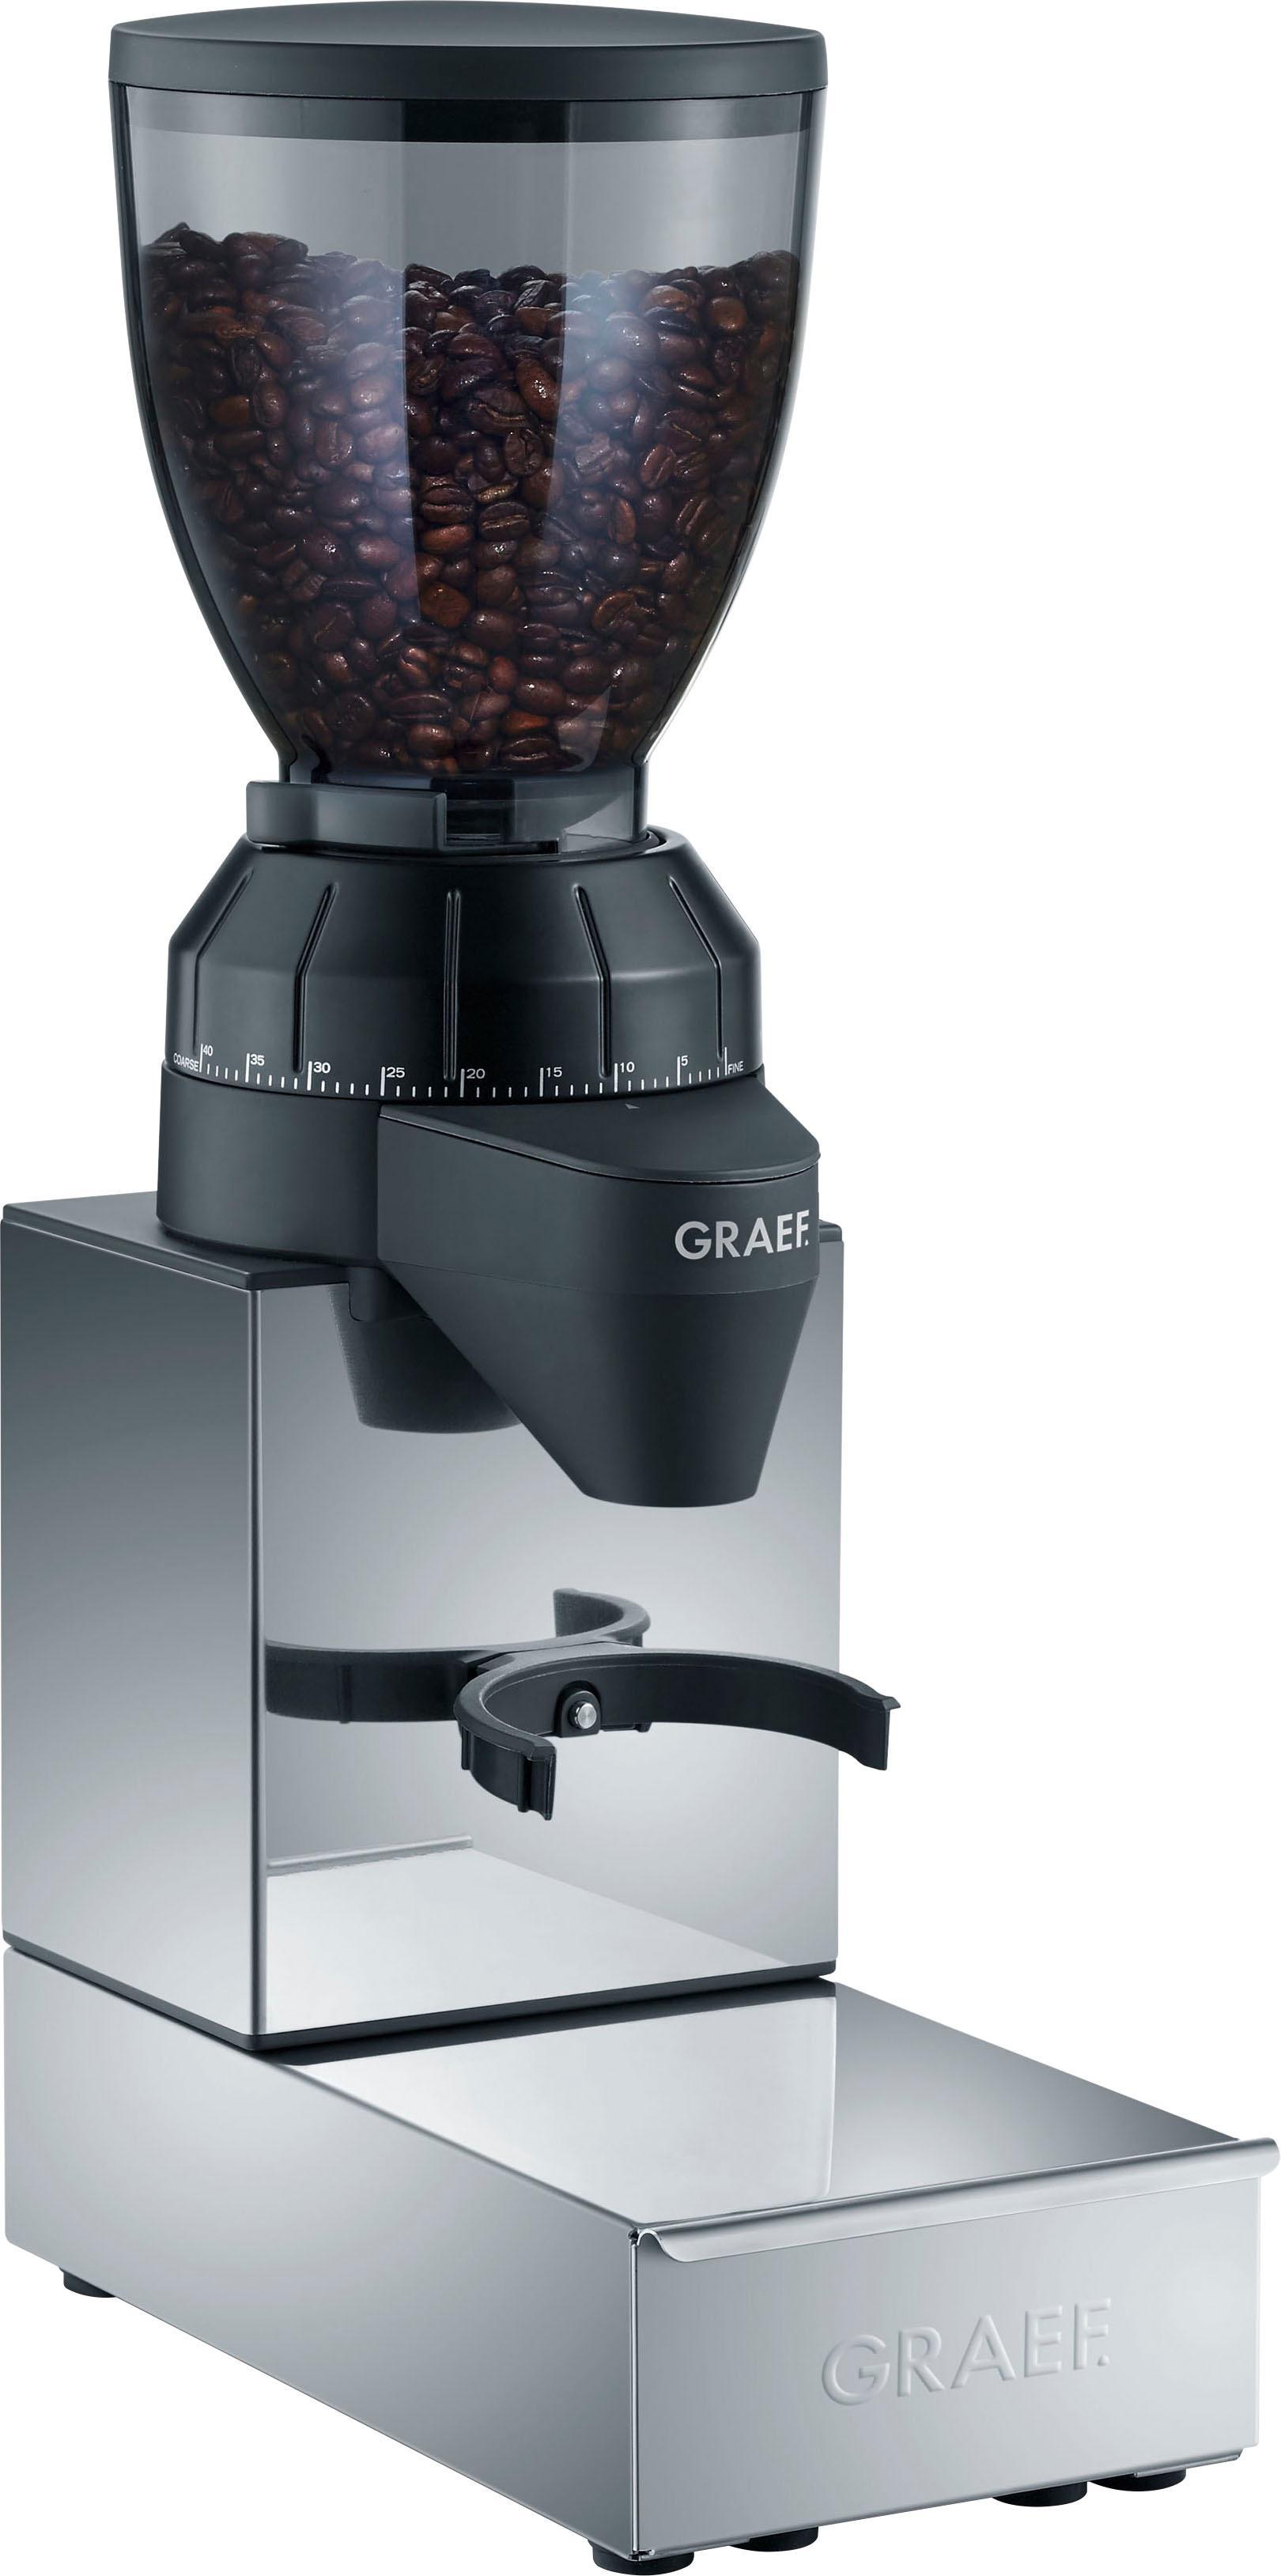 Graef Kaffeemühle CM 850 mit integrierter Ausklopfschublade, Edelstahl, Kegelmahlwerk